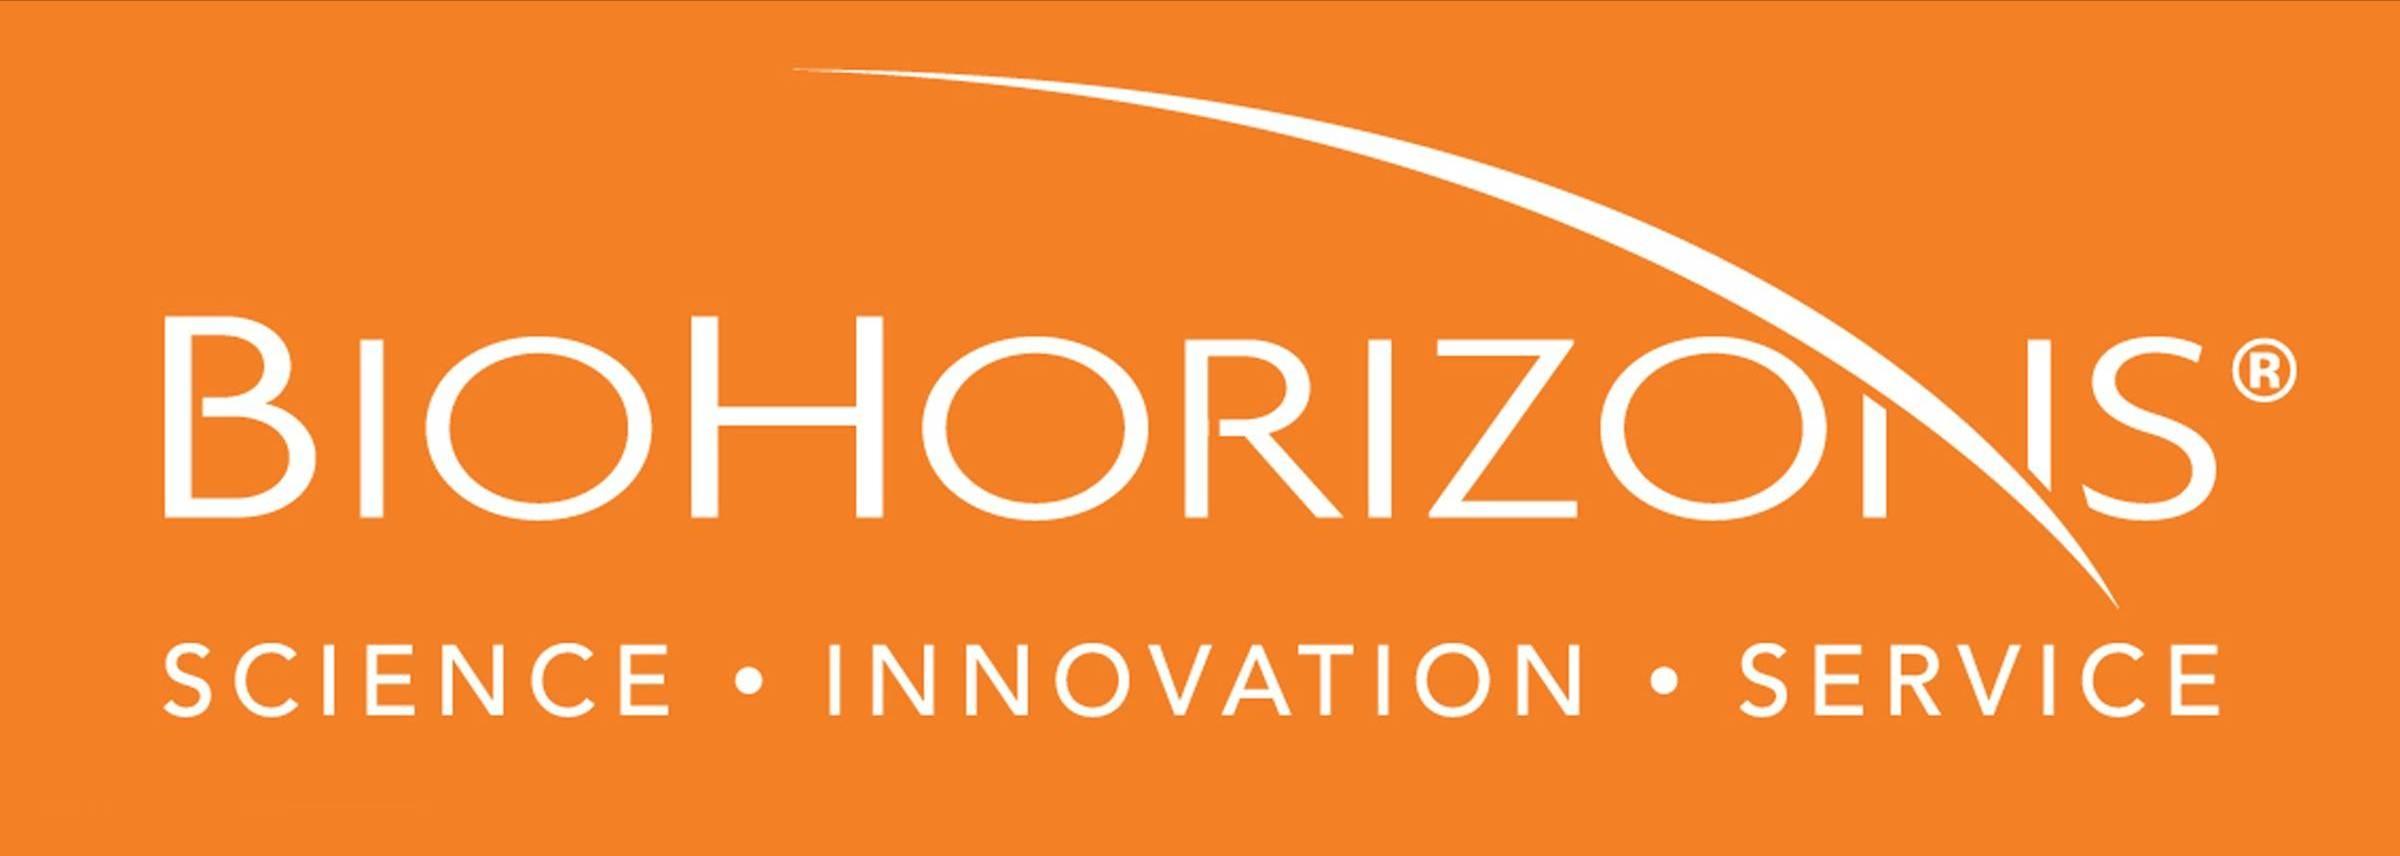 biohorizon-logo